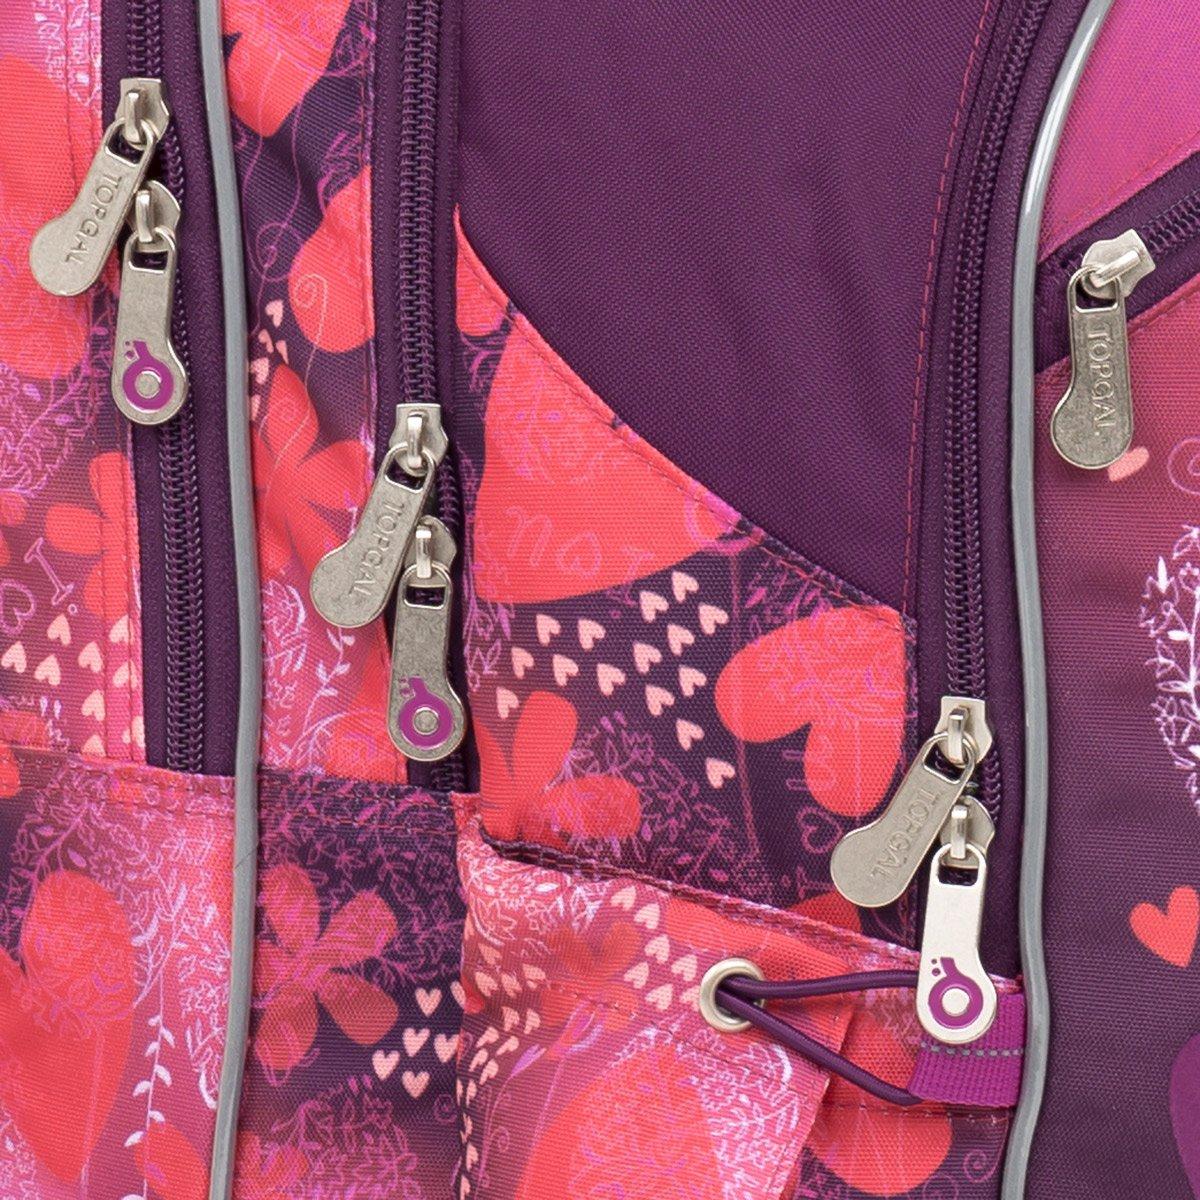 f660fd3d9d0 Školní batoh Topgal COCO 17002 G. img. Doprava zdarma.   Předchozí